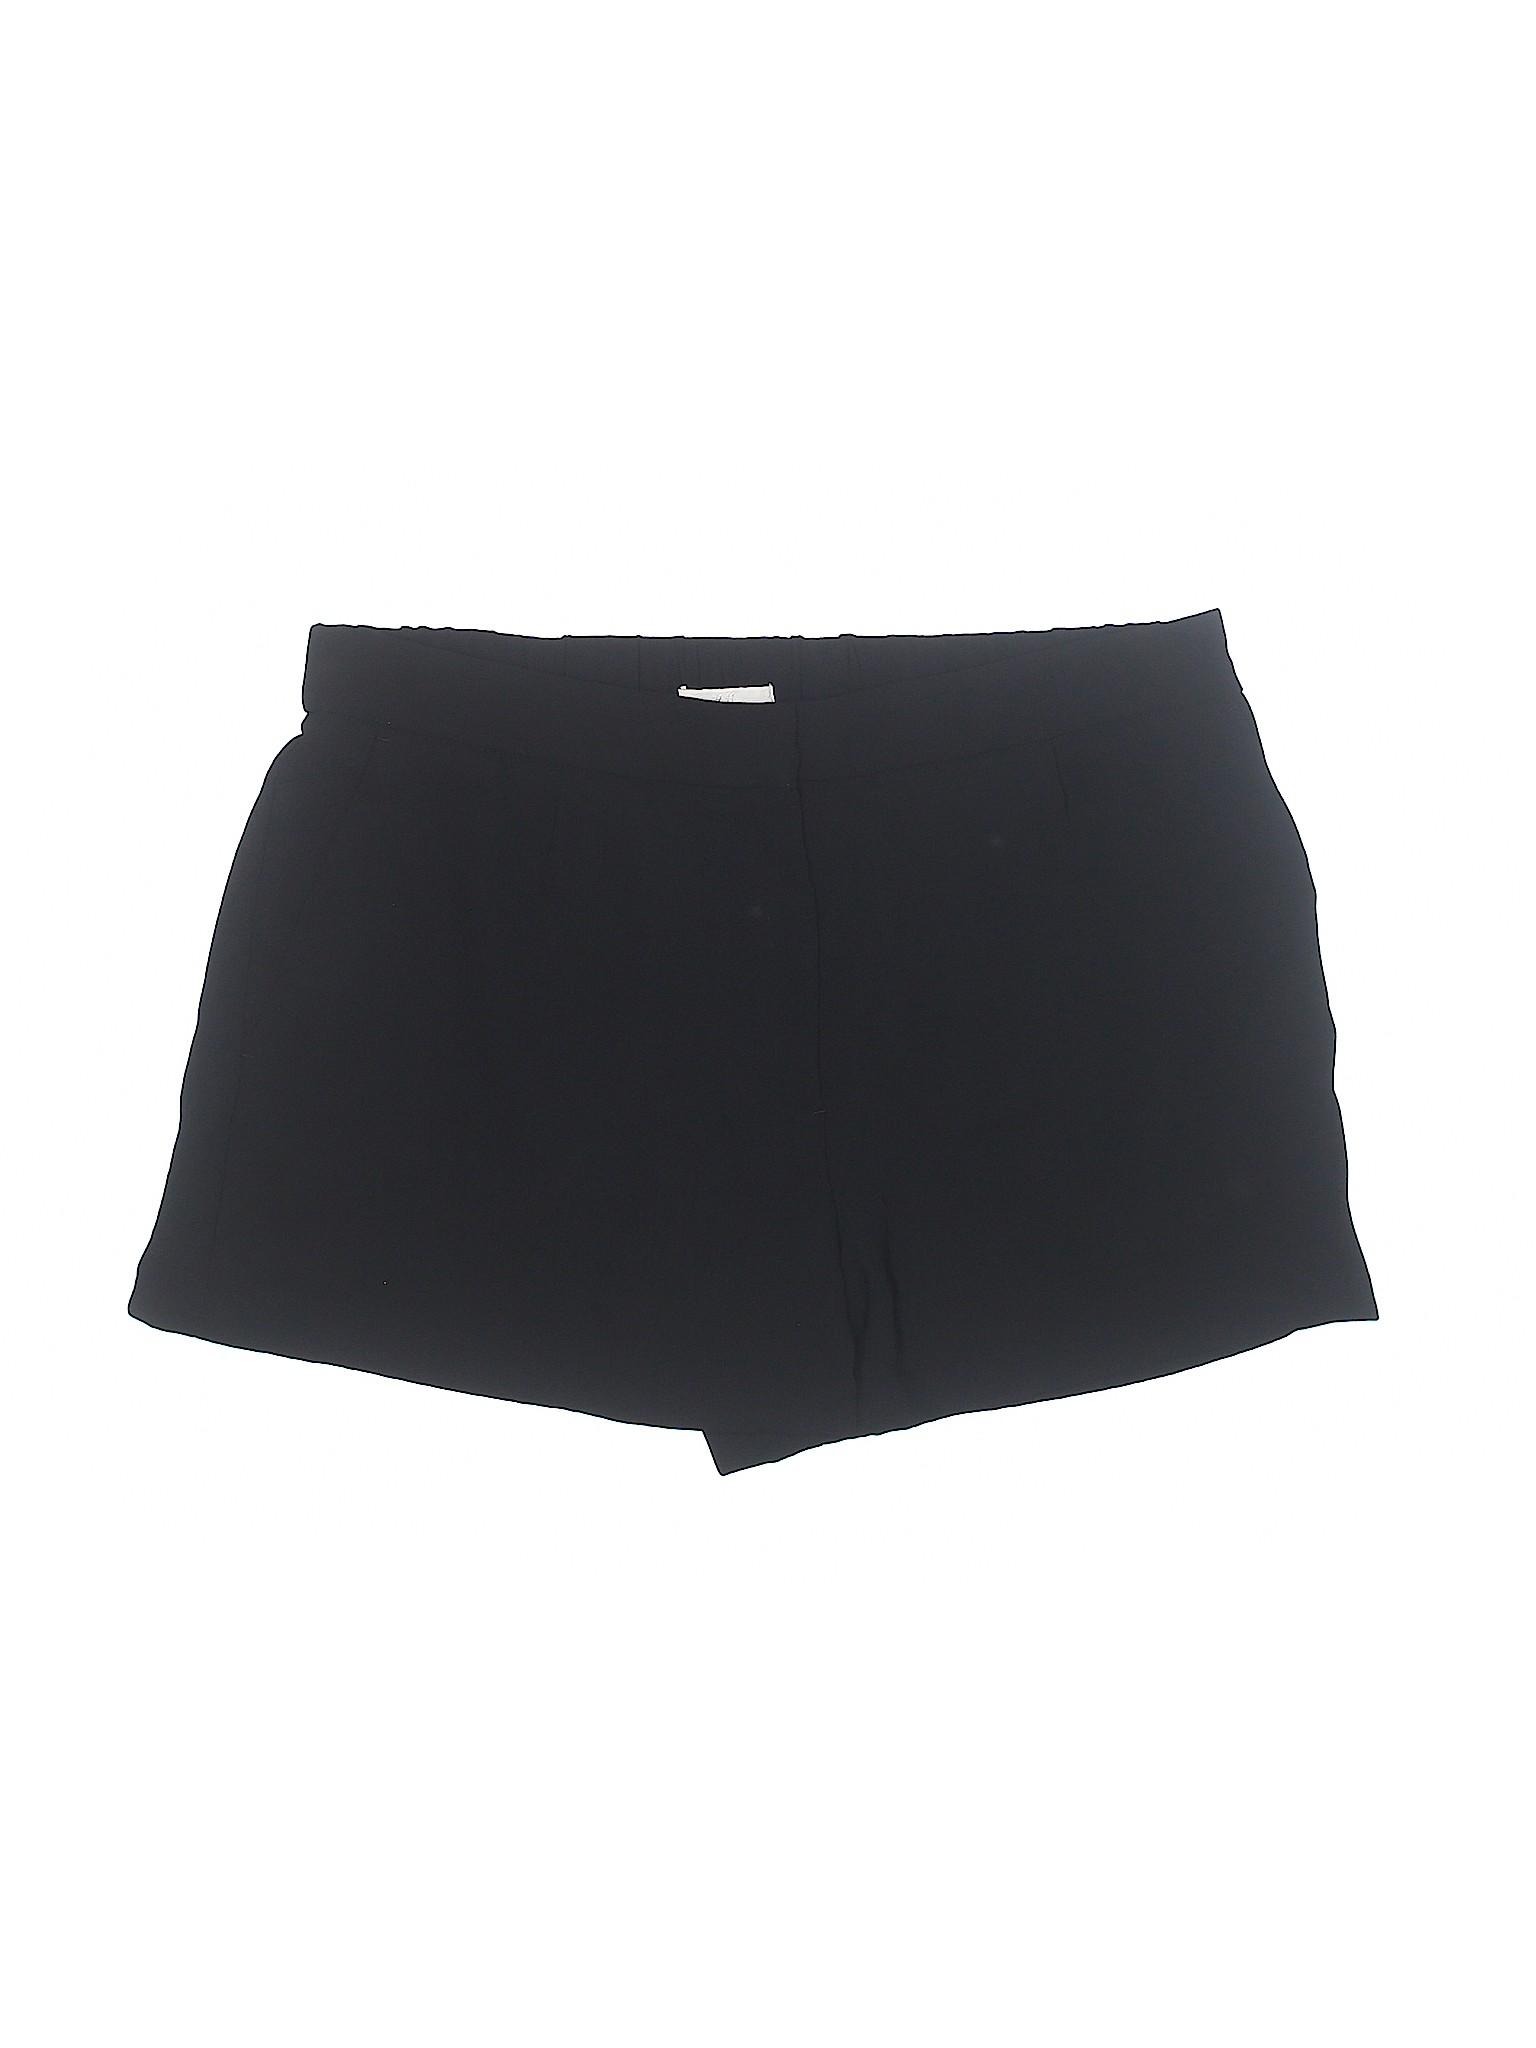 H amp;M Shorts Boutique Boutique H wHqTn7